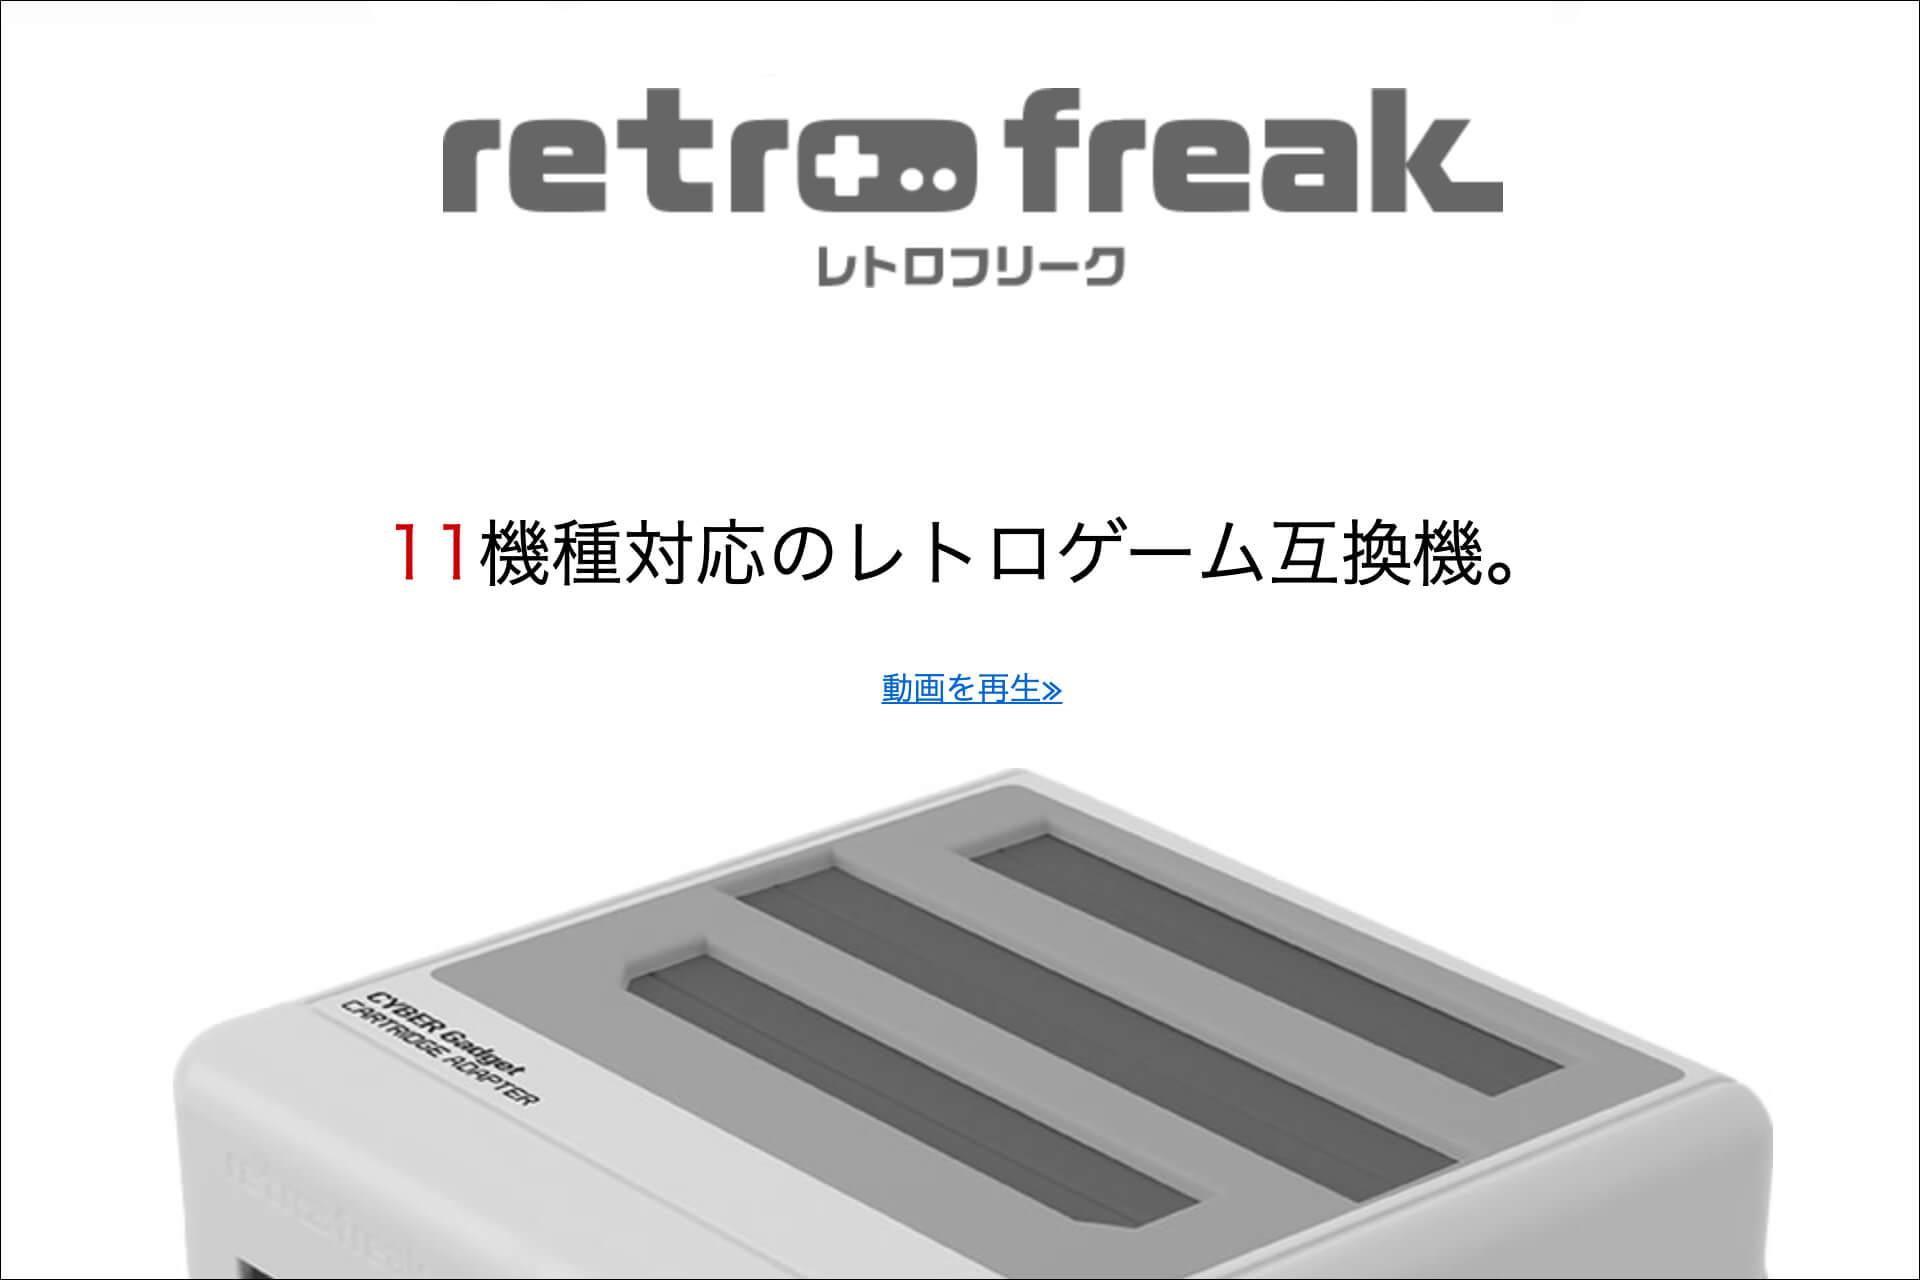 retro-freak